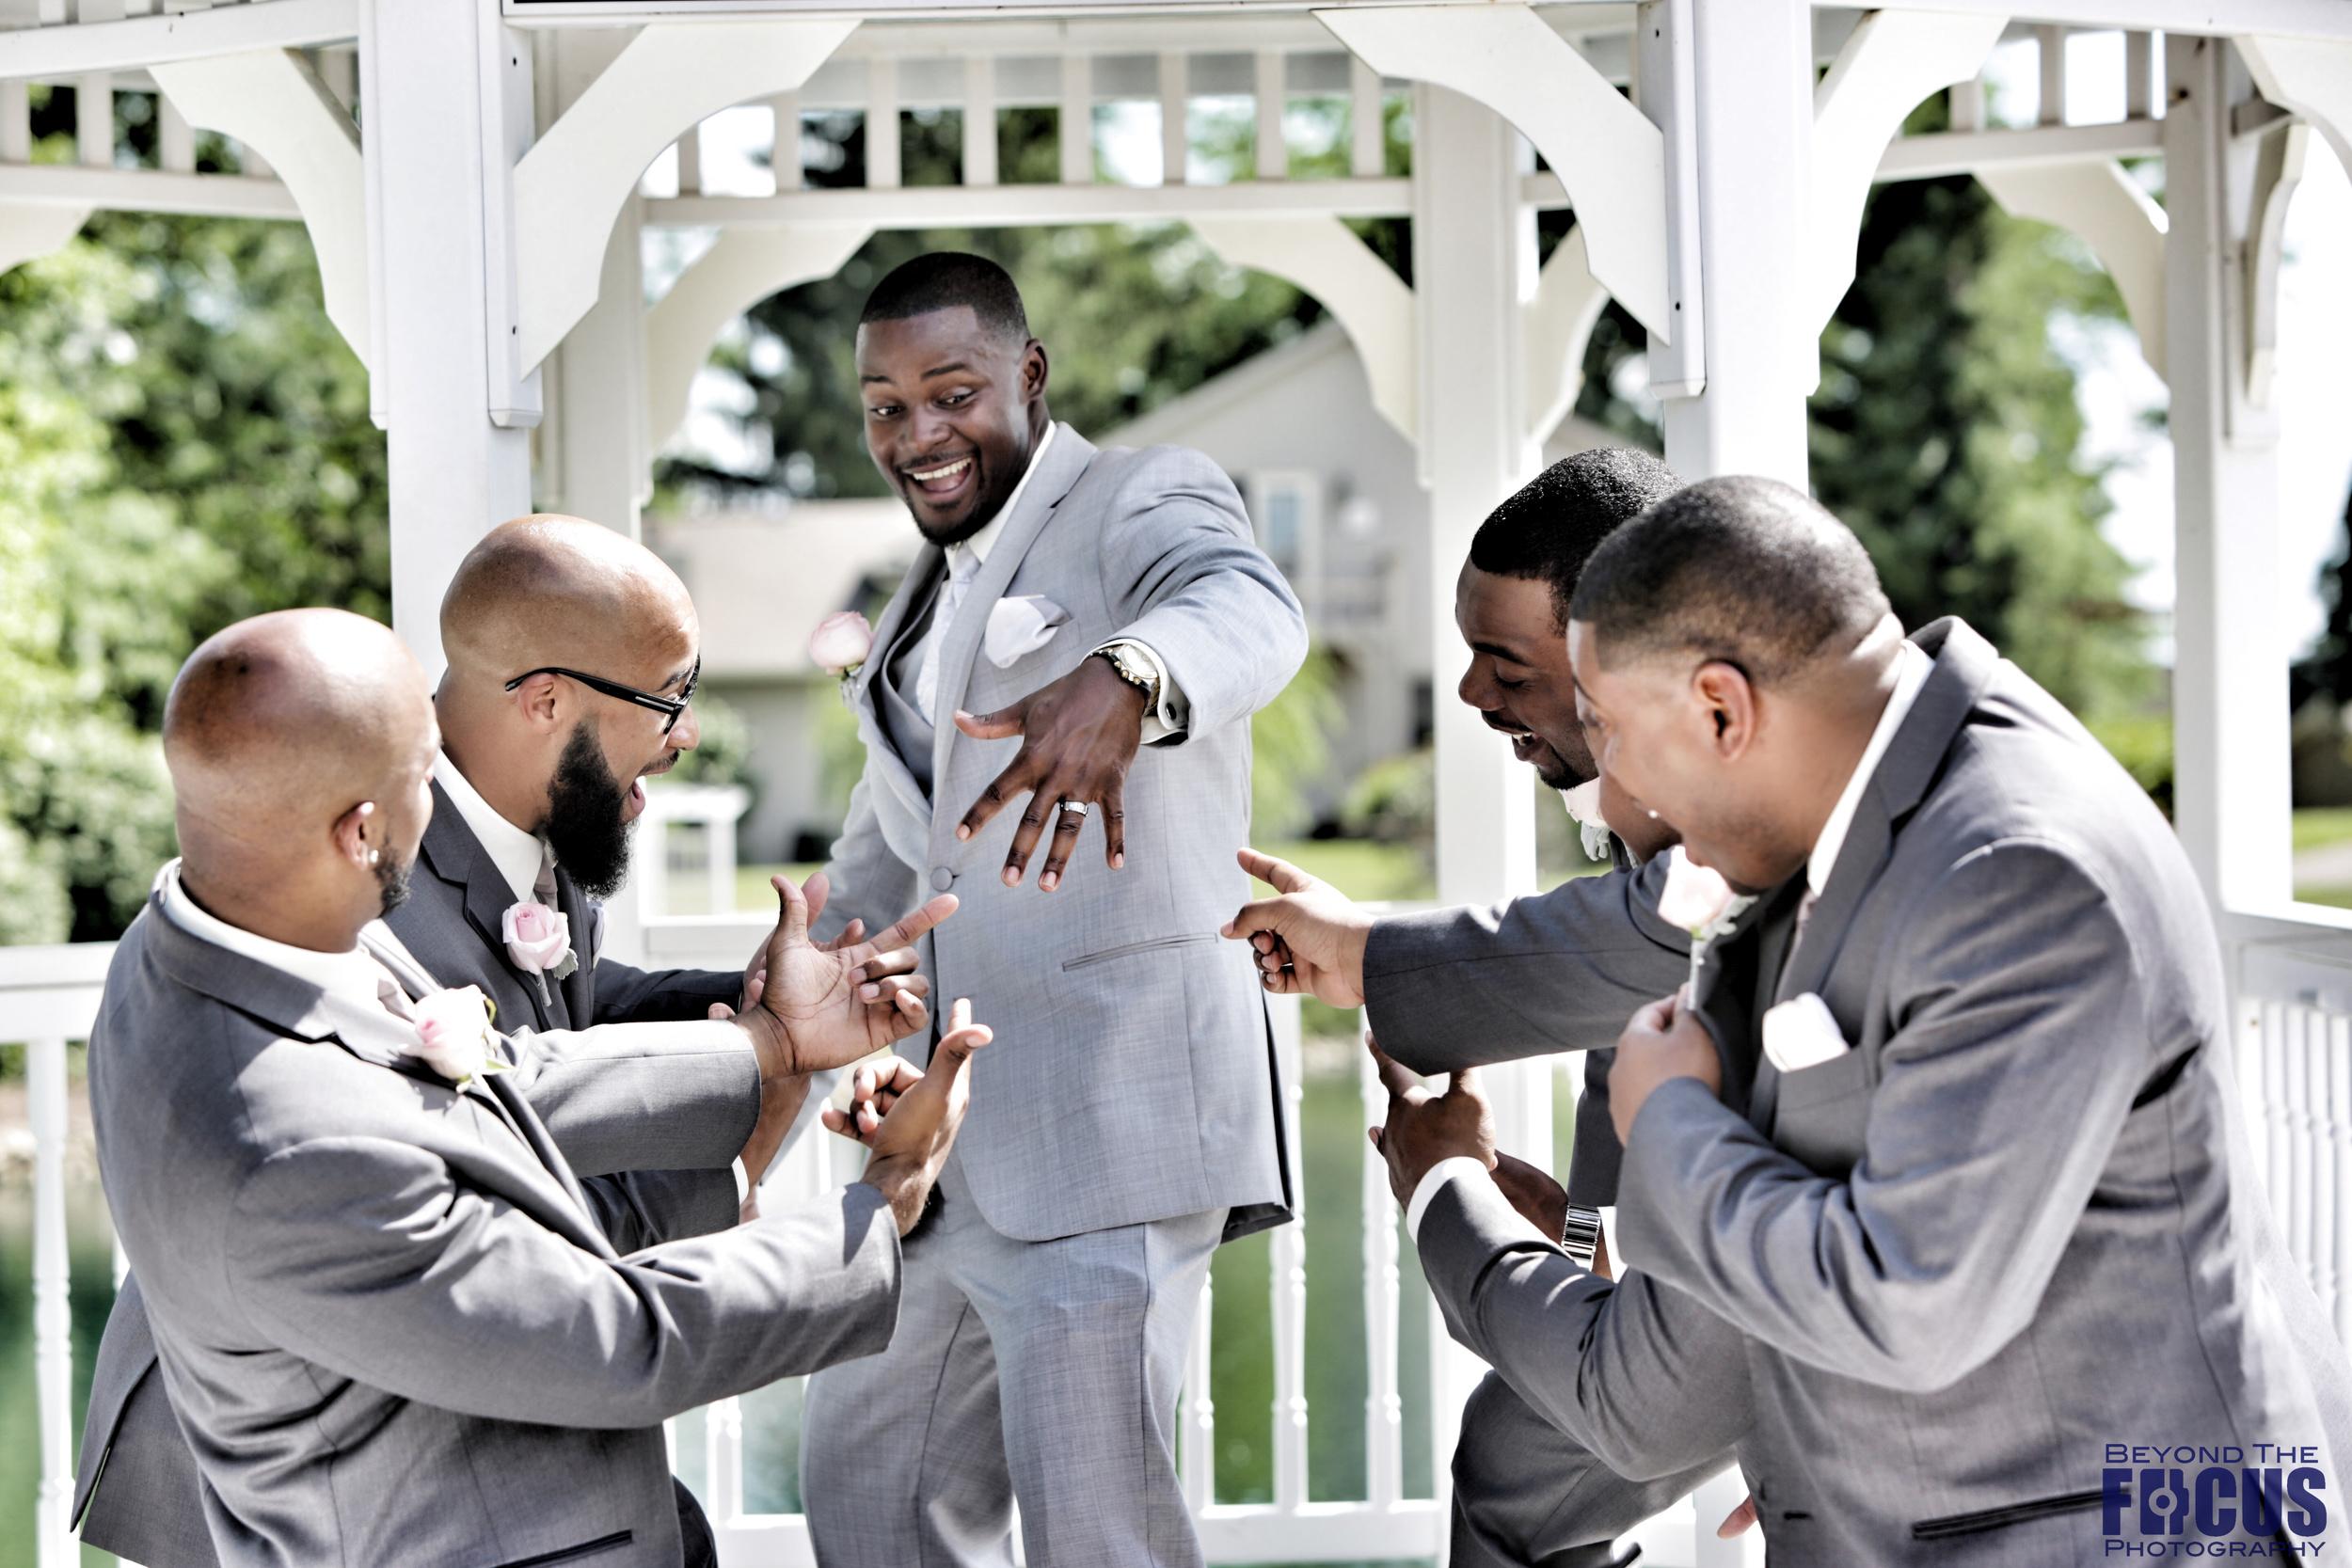 Palmer Wedding - Wedding Party3.jpg